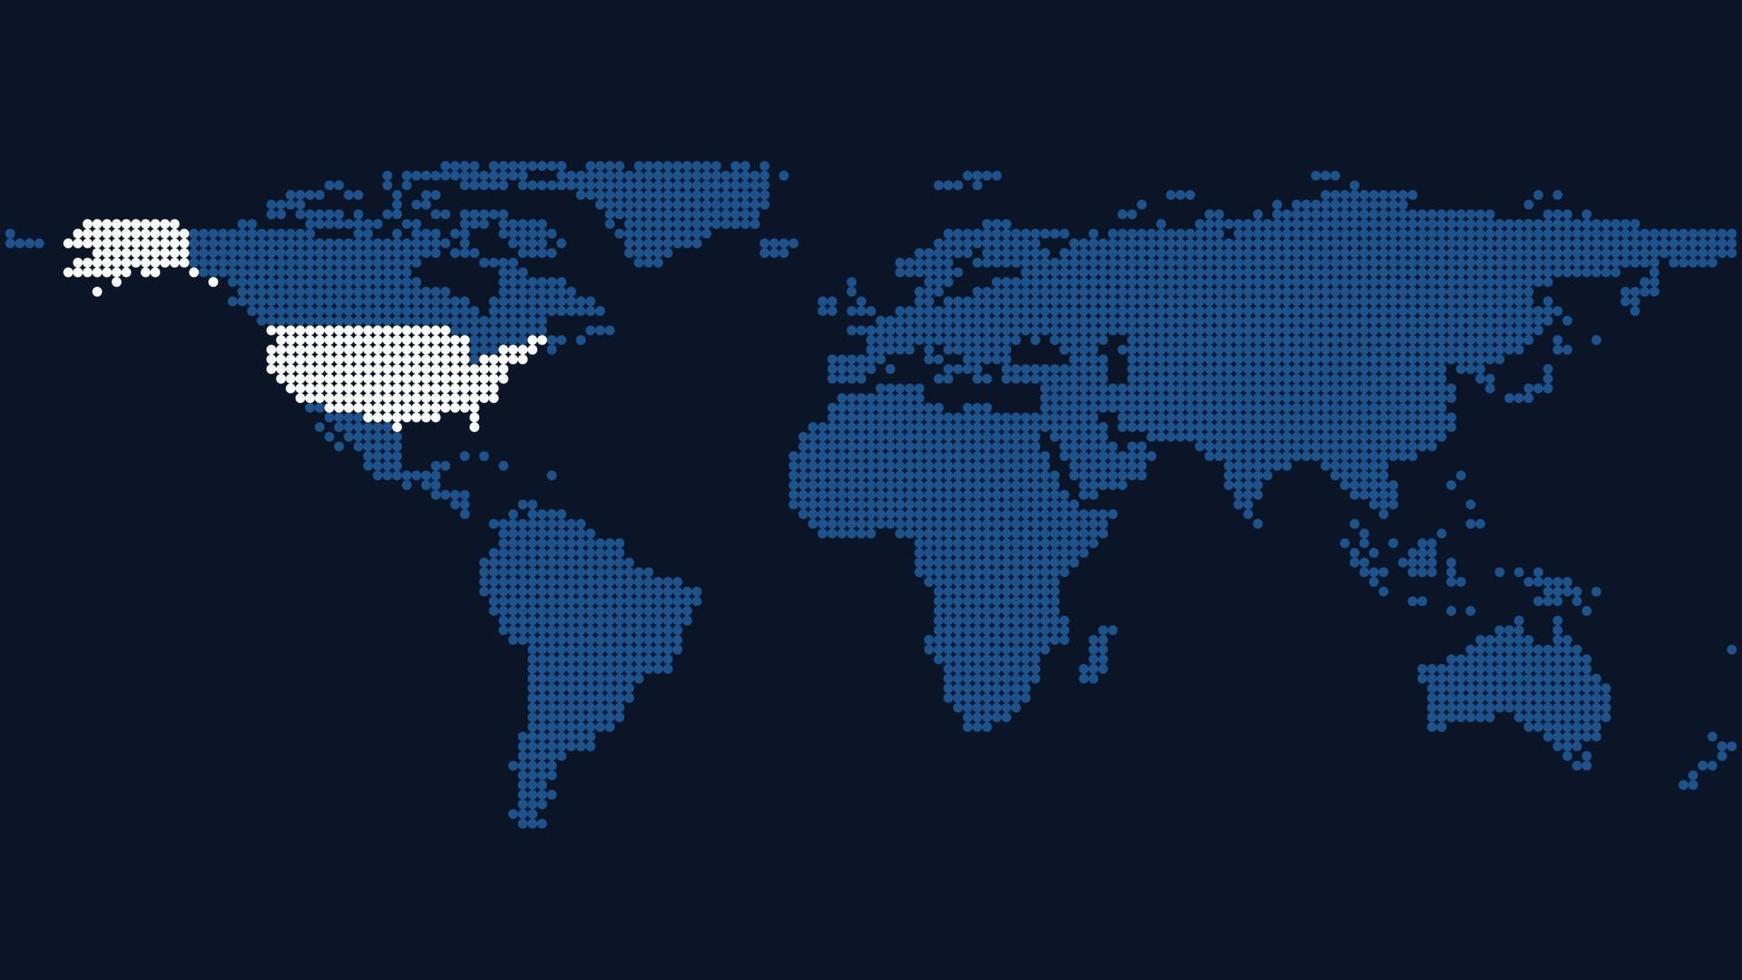 Weltkarte der Kreise mit den USA hervorgehoben vektor